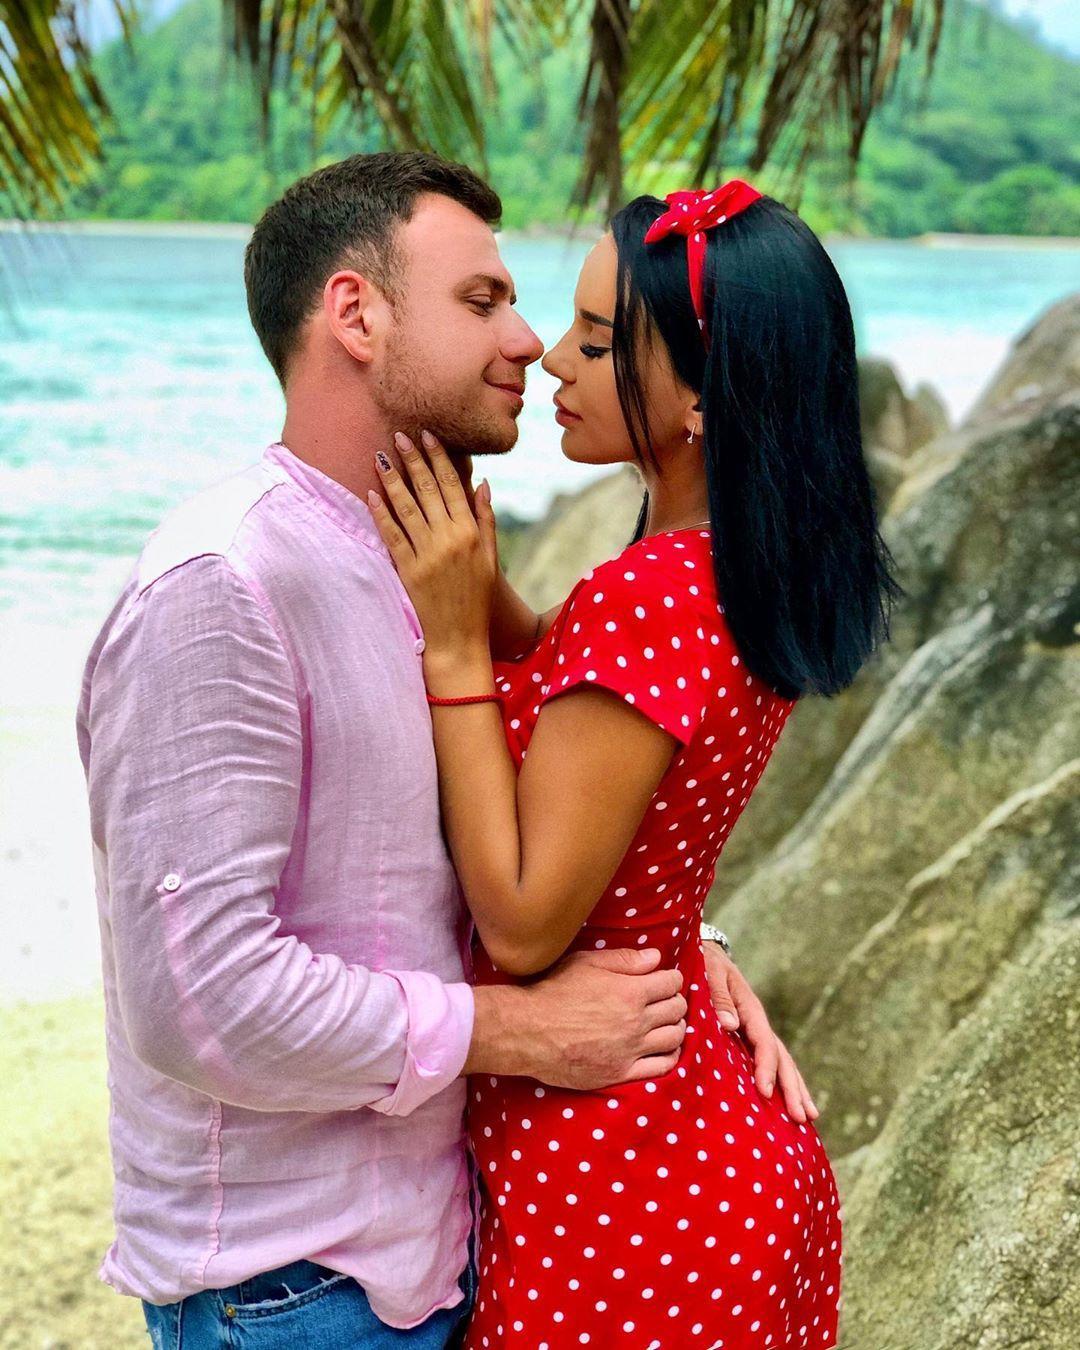 Звезда проекта «Дом-2» Валерий Блюменкранц сделал предложение своей избраннице